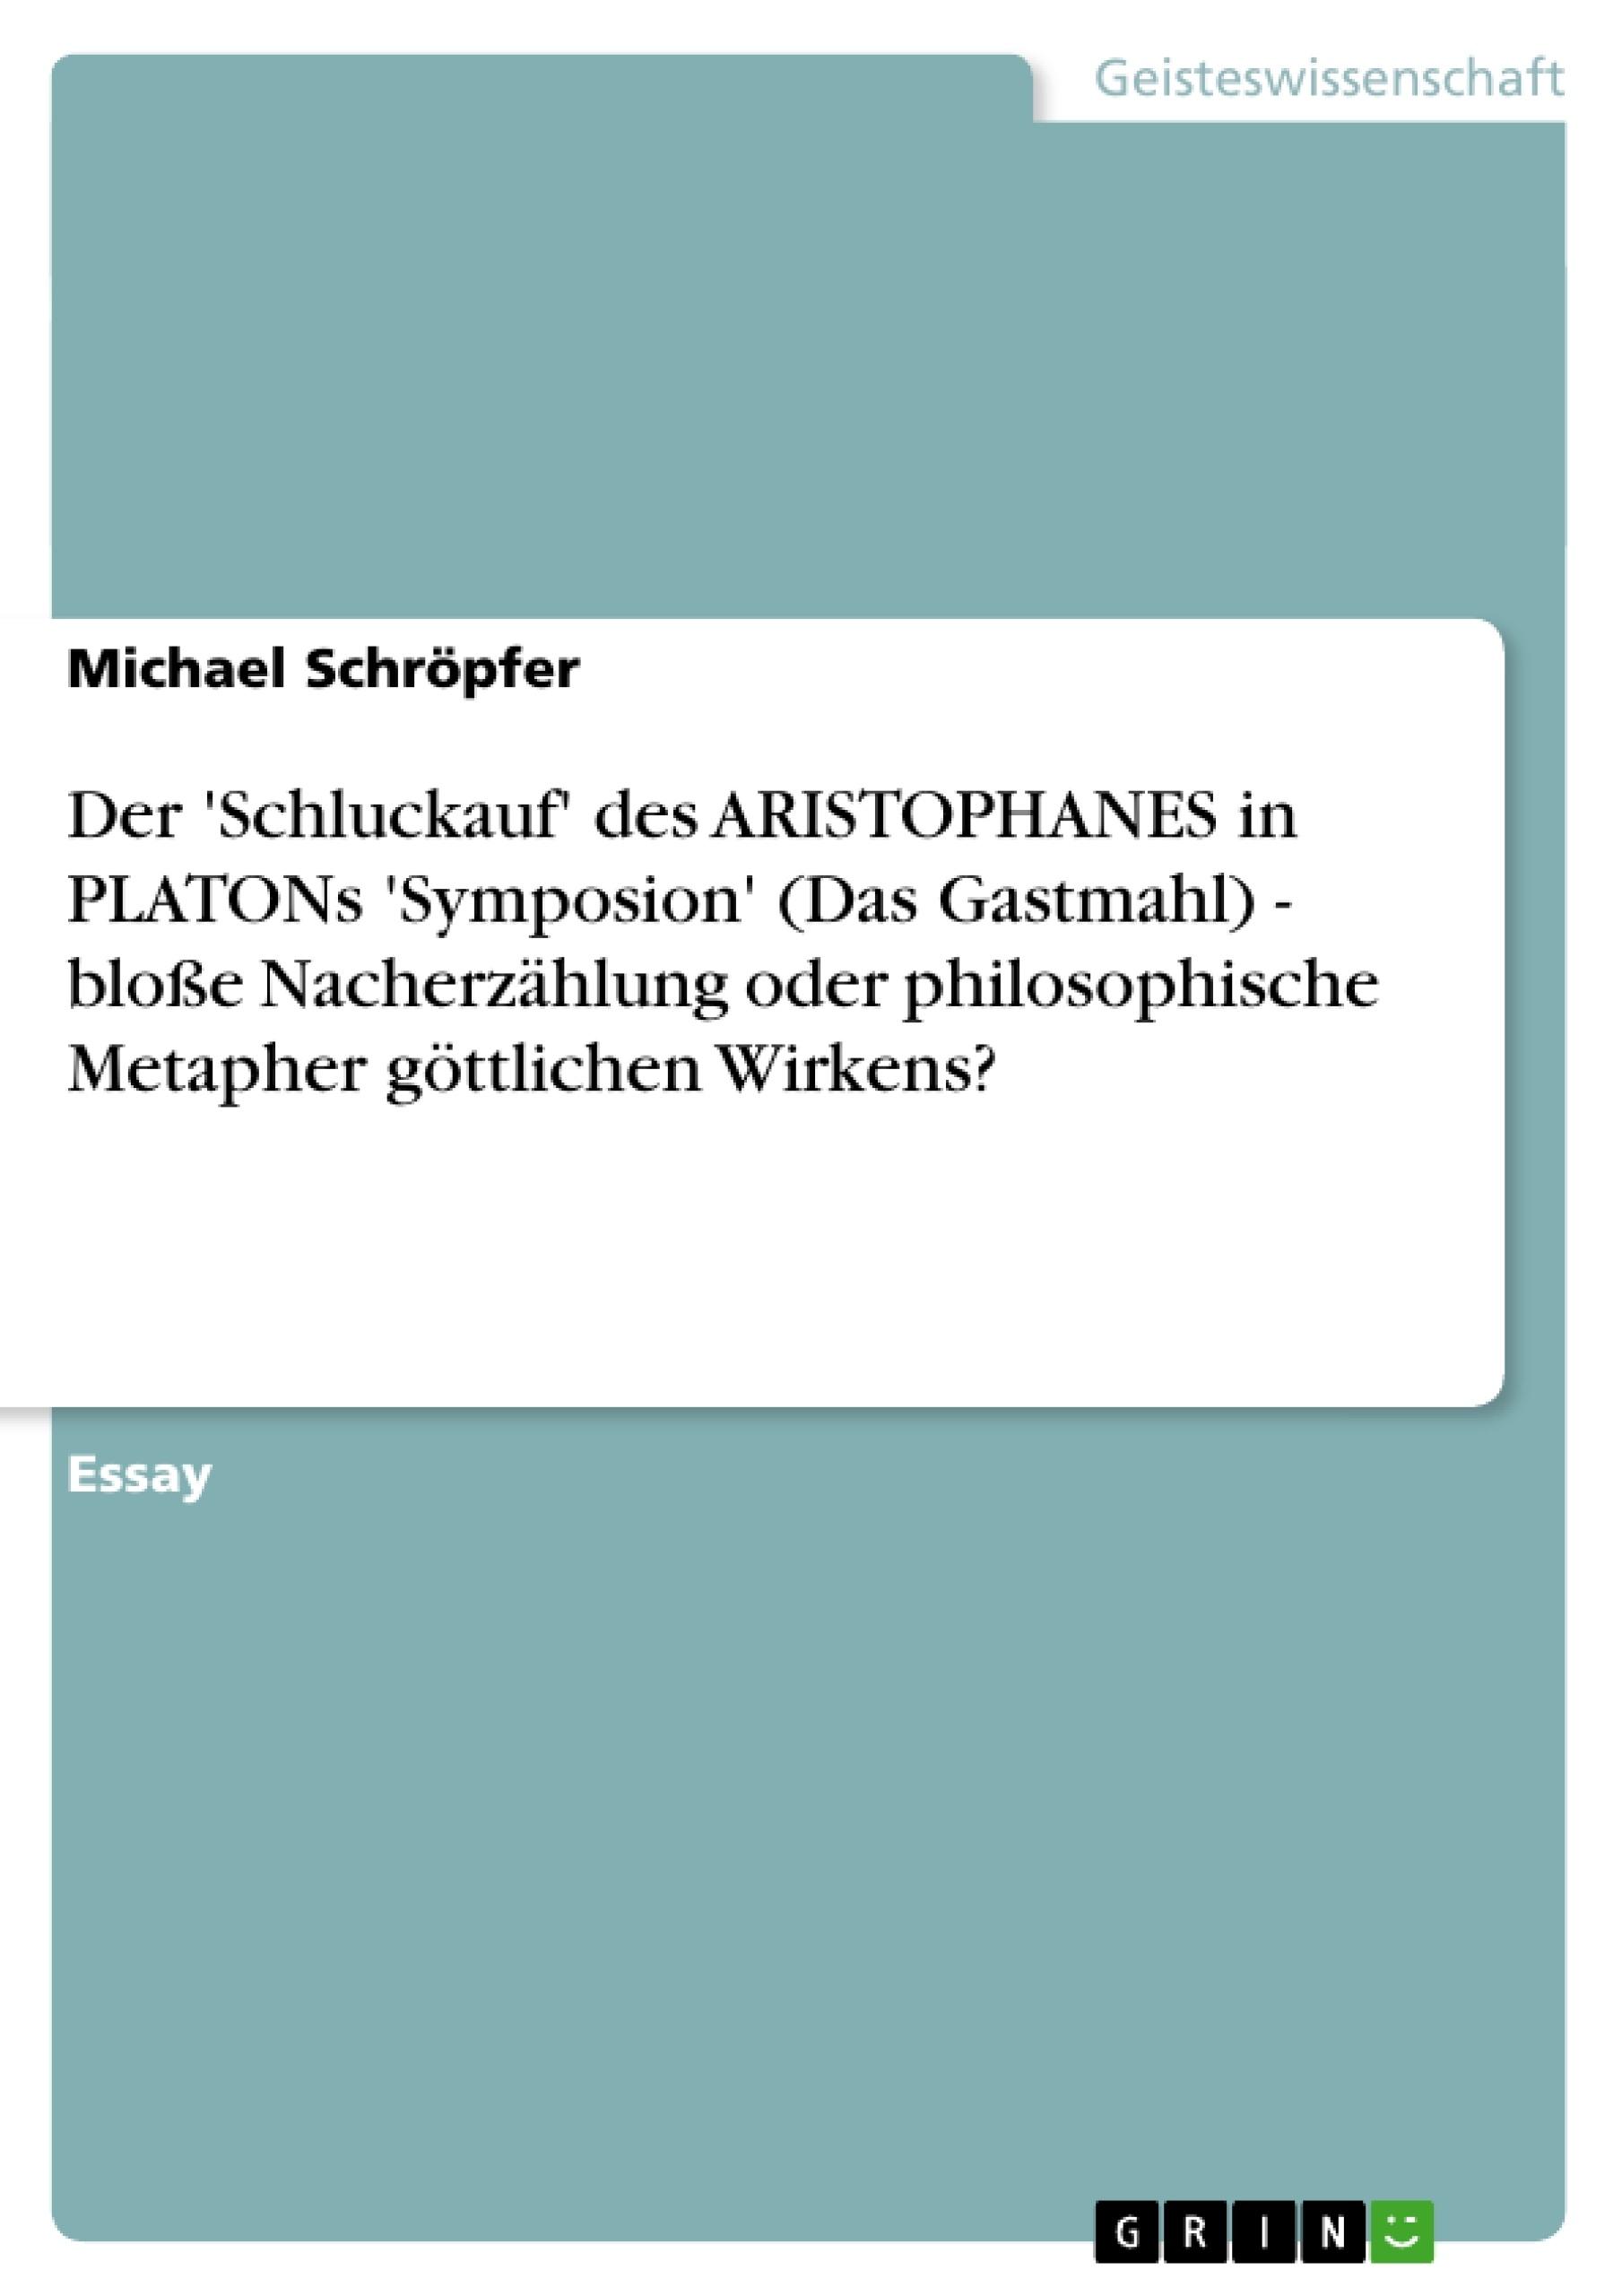 Titel: Der 'Schluckauf' des ARISTOPHANES in PLATONs 'Symposion' (Das Gastmahl) - bloße Nacherzählung oder philosophische Metapher göttlichen Wirkens?